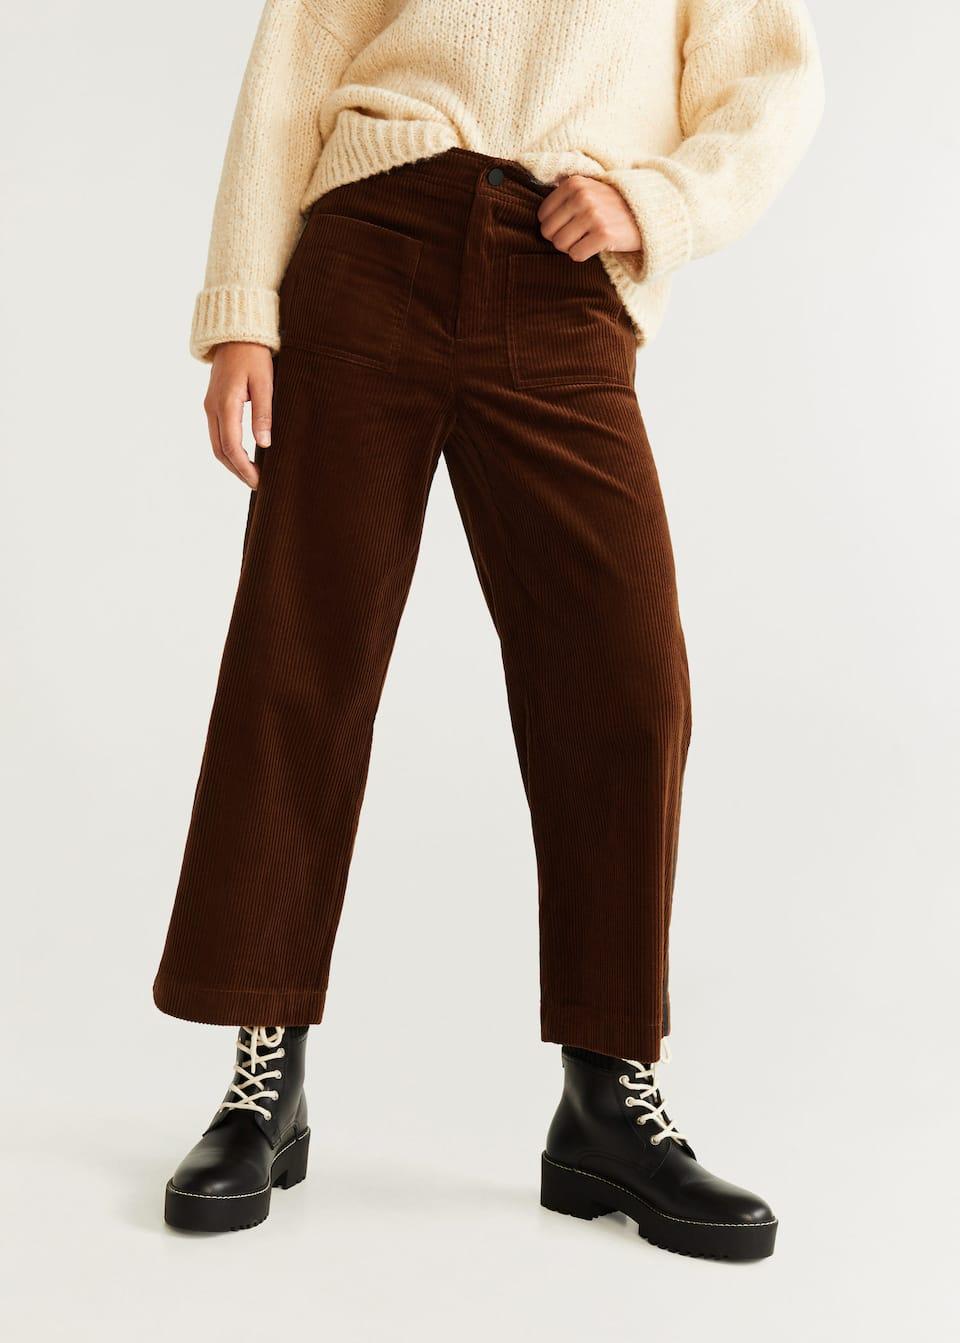 Вельветовые брюки из хлопка by Mango